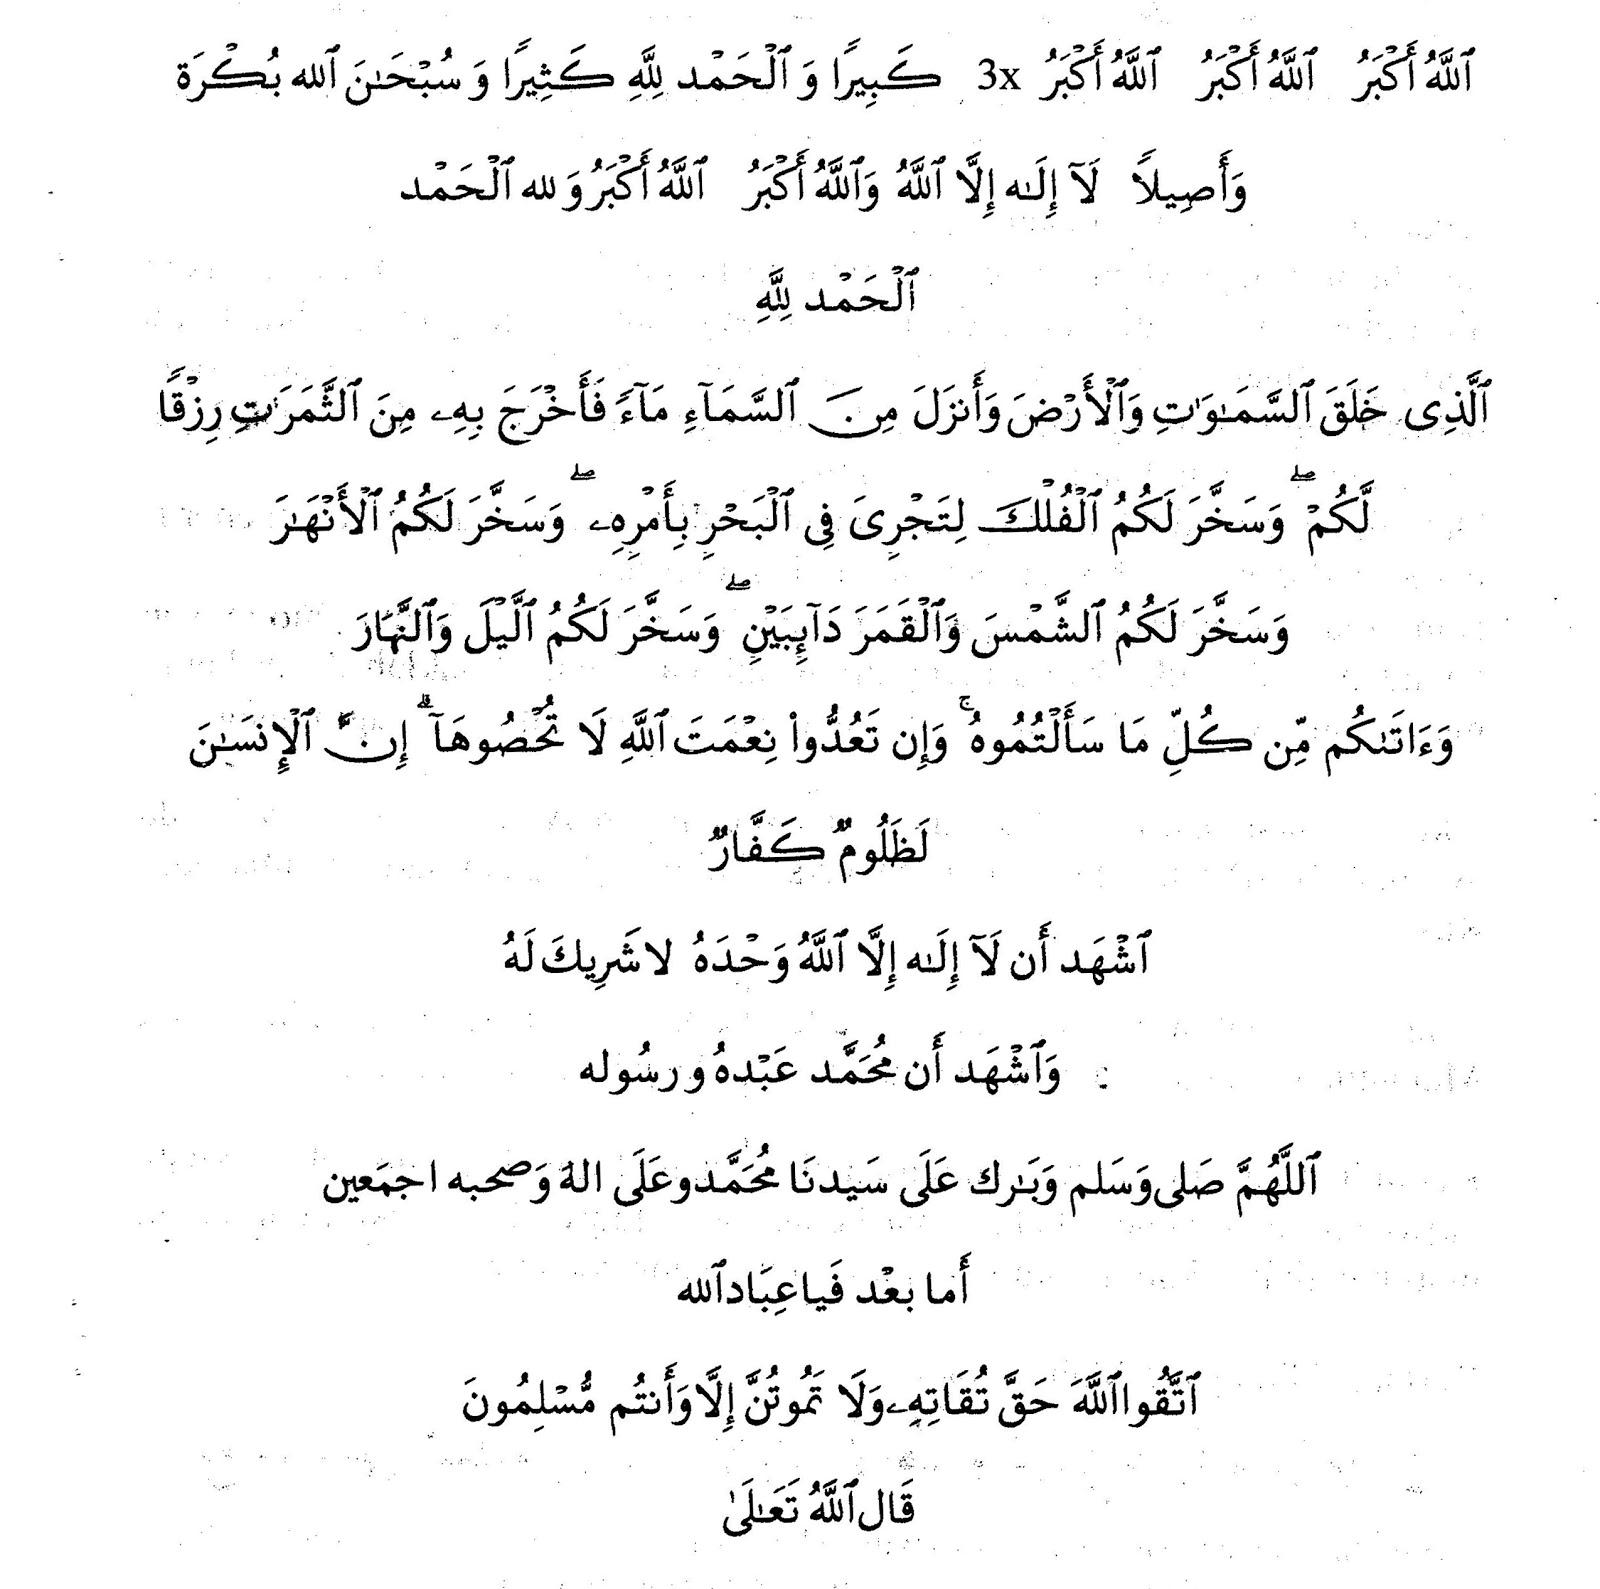 AL-MAHDI_MUNTAZHOR_NAMANYA_AL_JAABIR_MUHAMMAD_ZUBIR_BIN